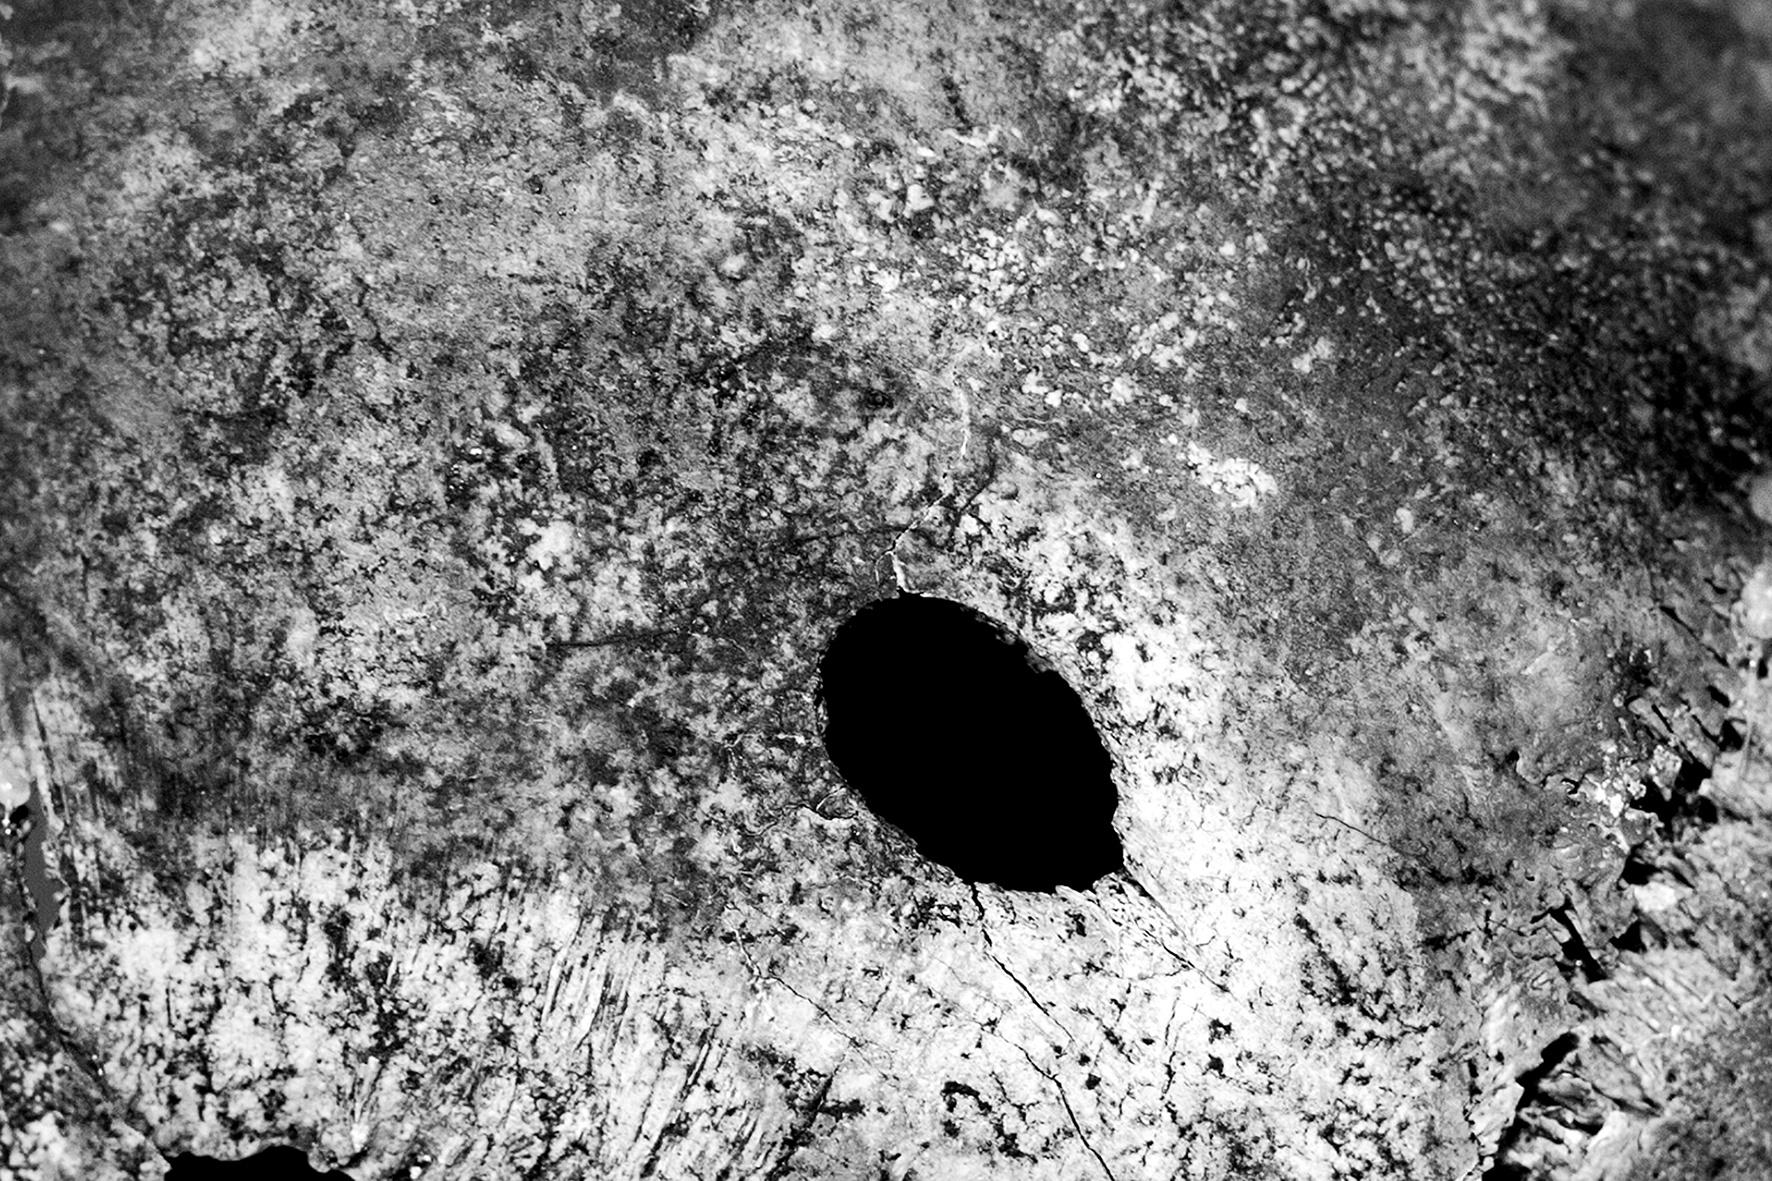 Cráneo perforado III, 2018 - Niebla (2018) - Ana Frechilla, proyecto fotográfico